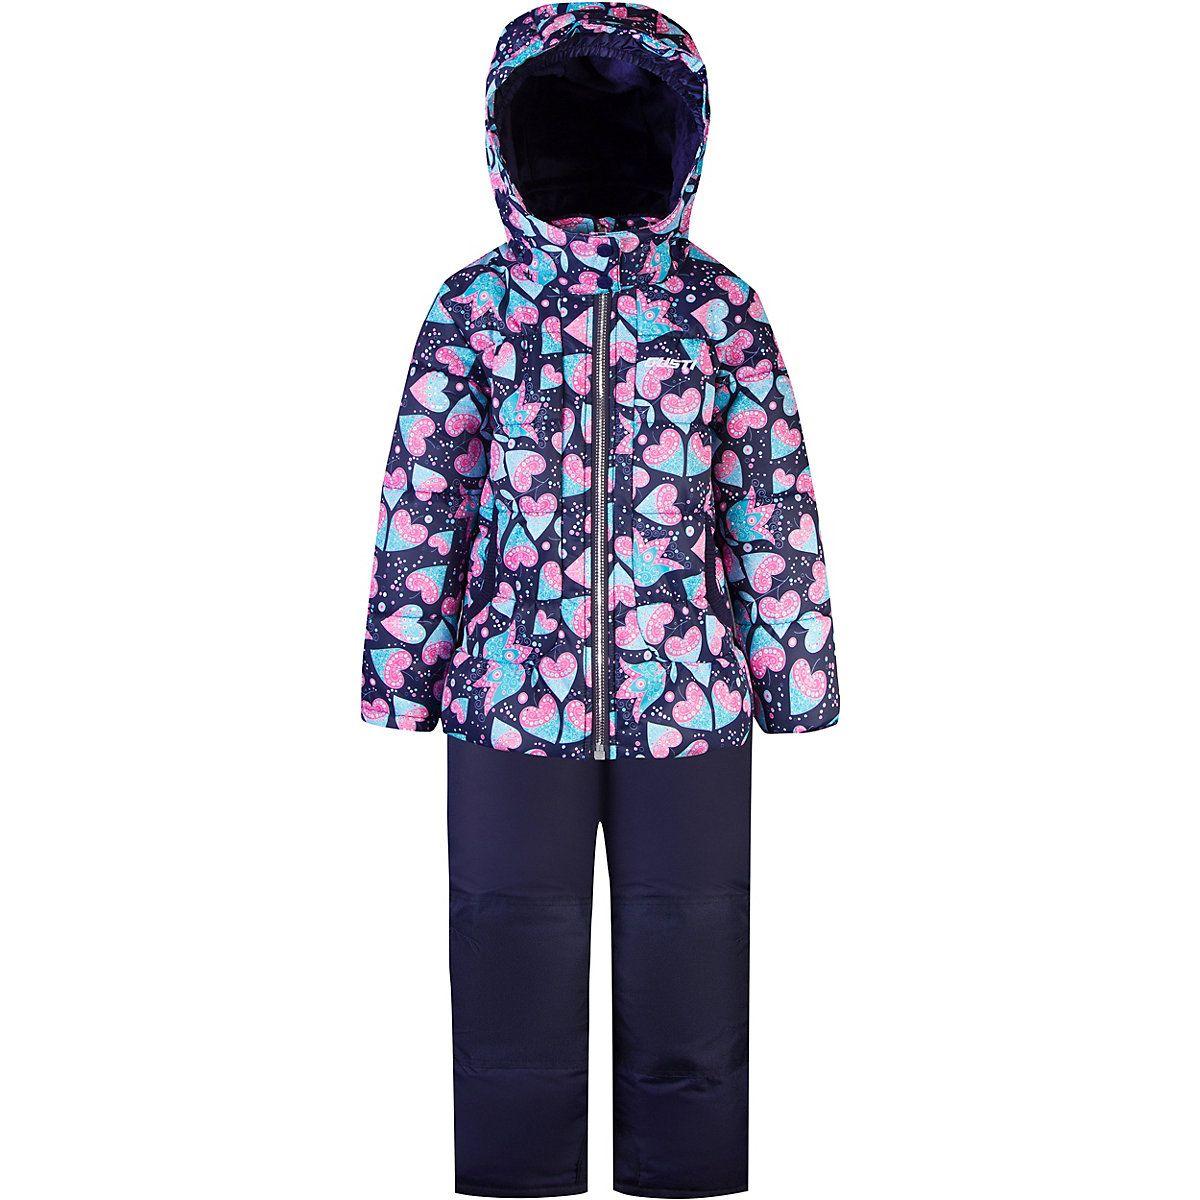 GUSTI Kinder's Sets 9512013 kleidung für mädchen set kleid winter kleidung mädchen kinder tragen MTpromo